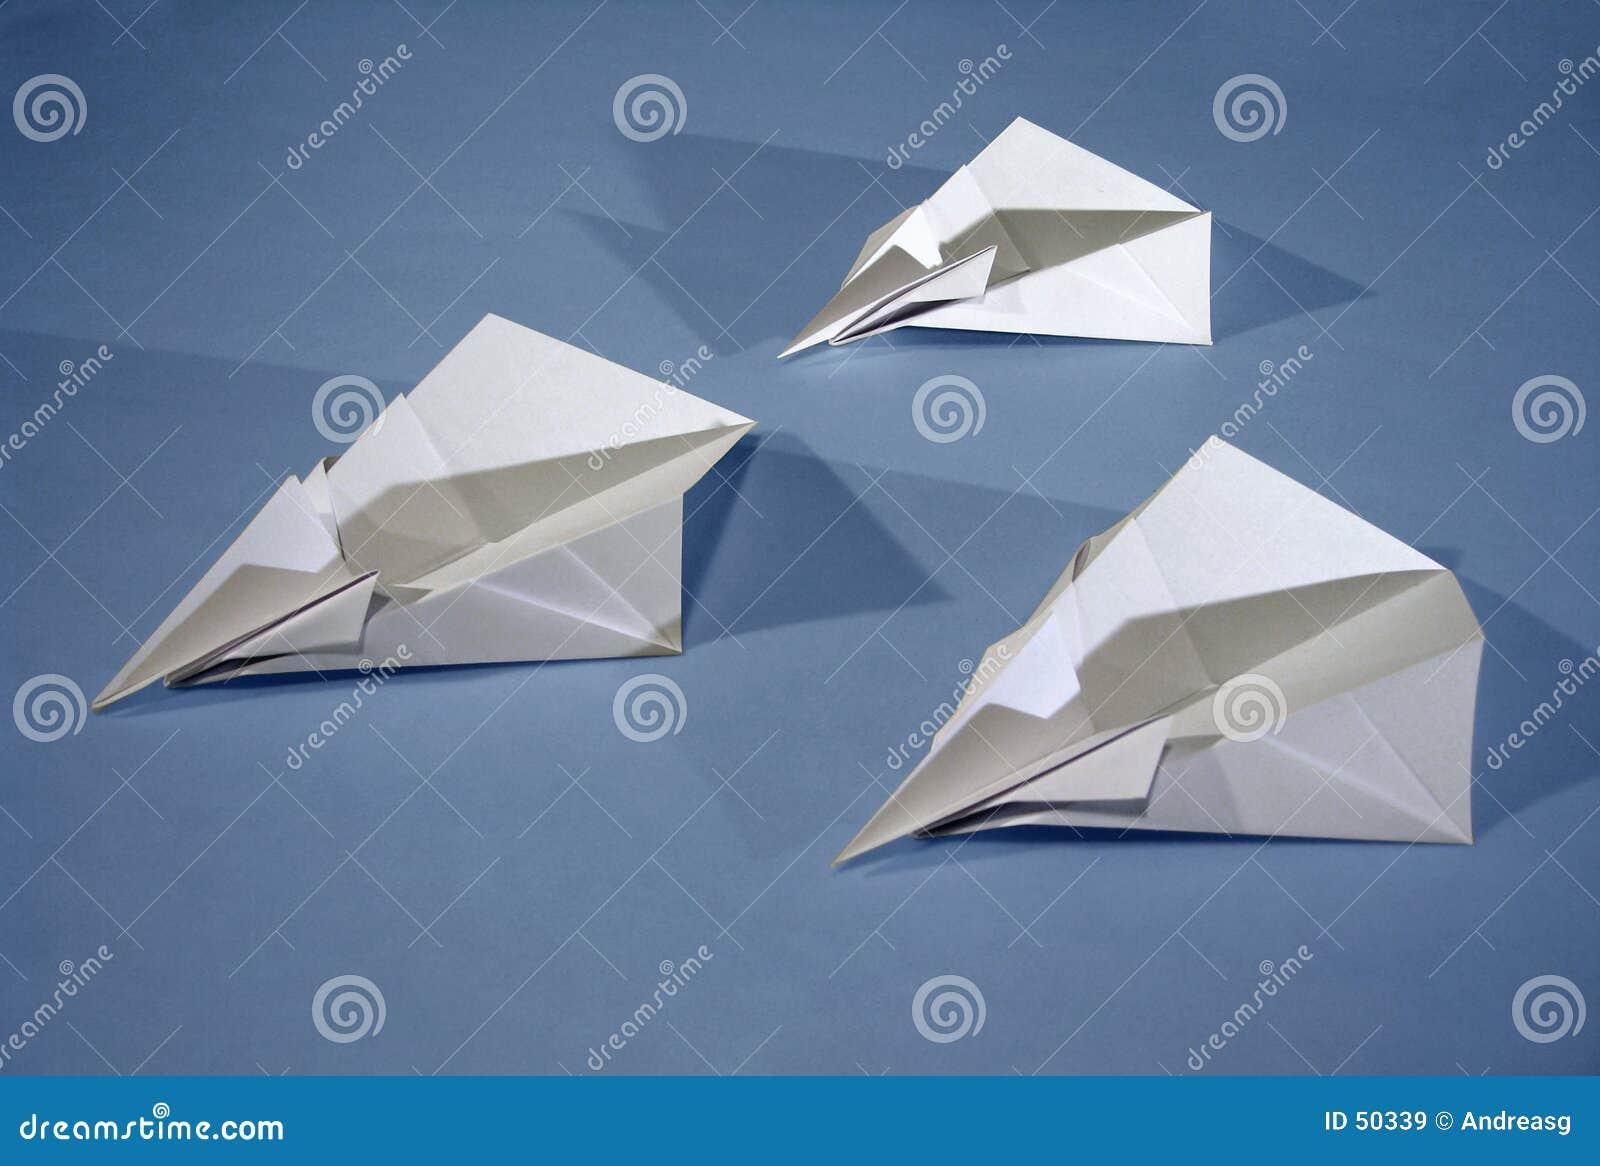 3 aéronefs de papier